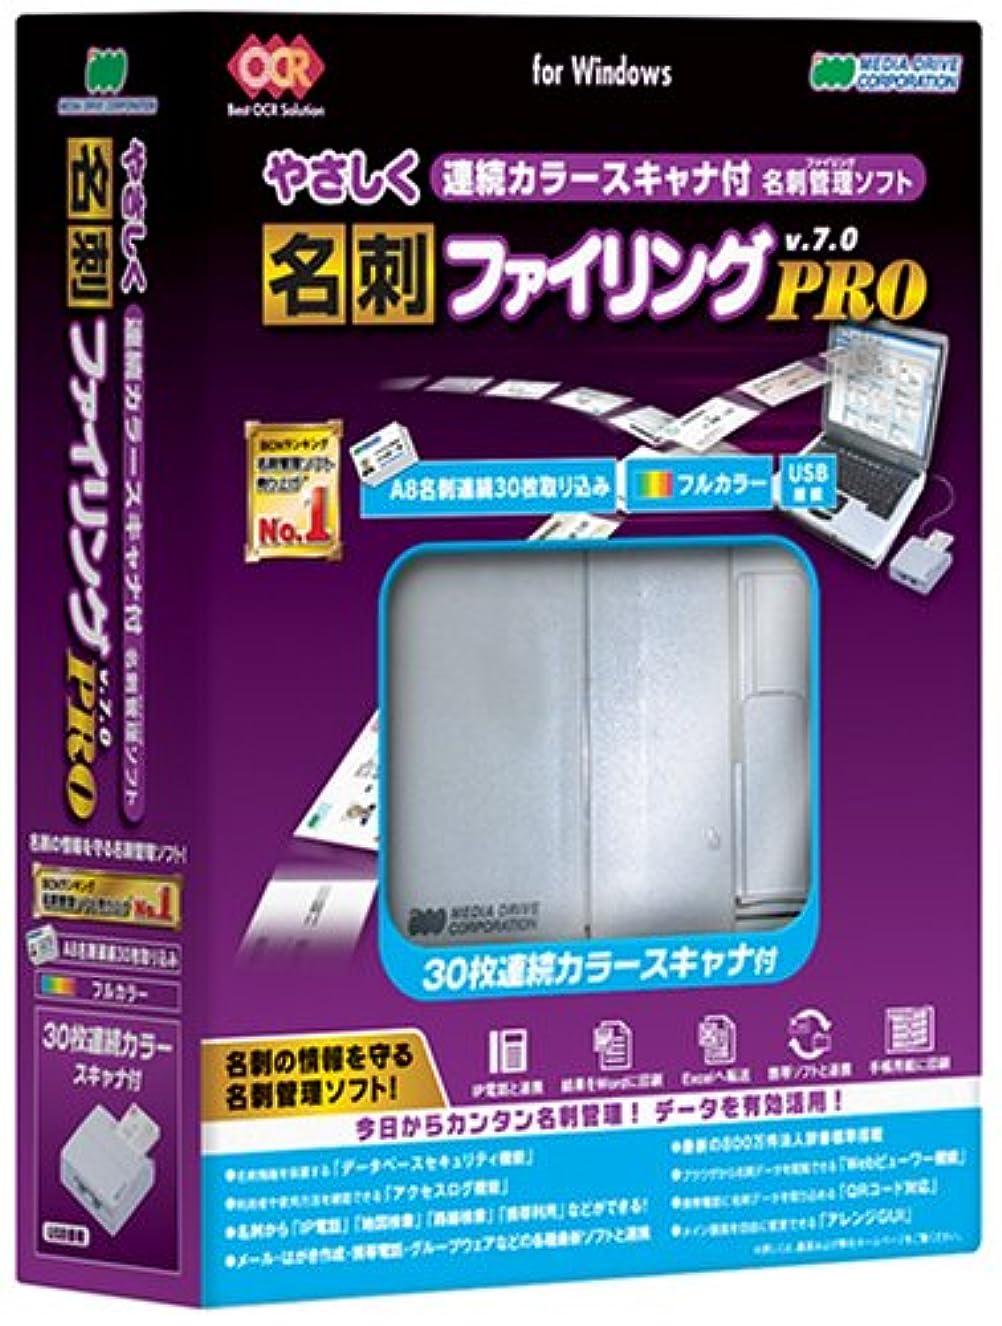 ネックレットシリーズパパやさしく名刺ファイリング PRO v.7.0 連続カラースキャナ付